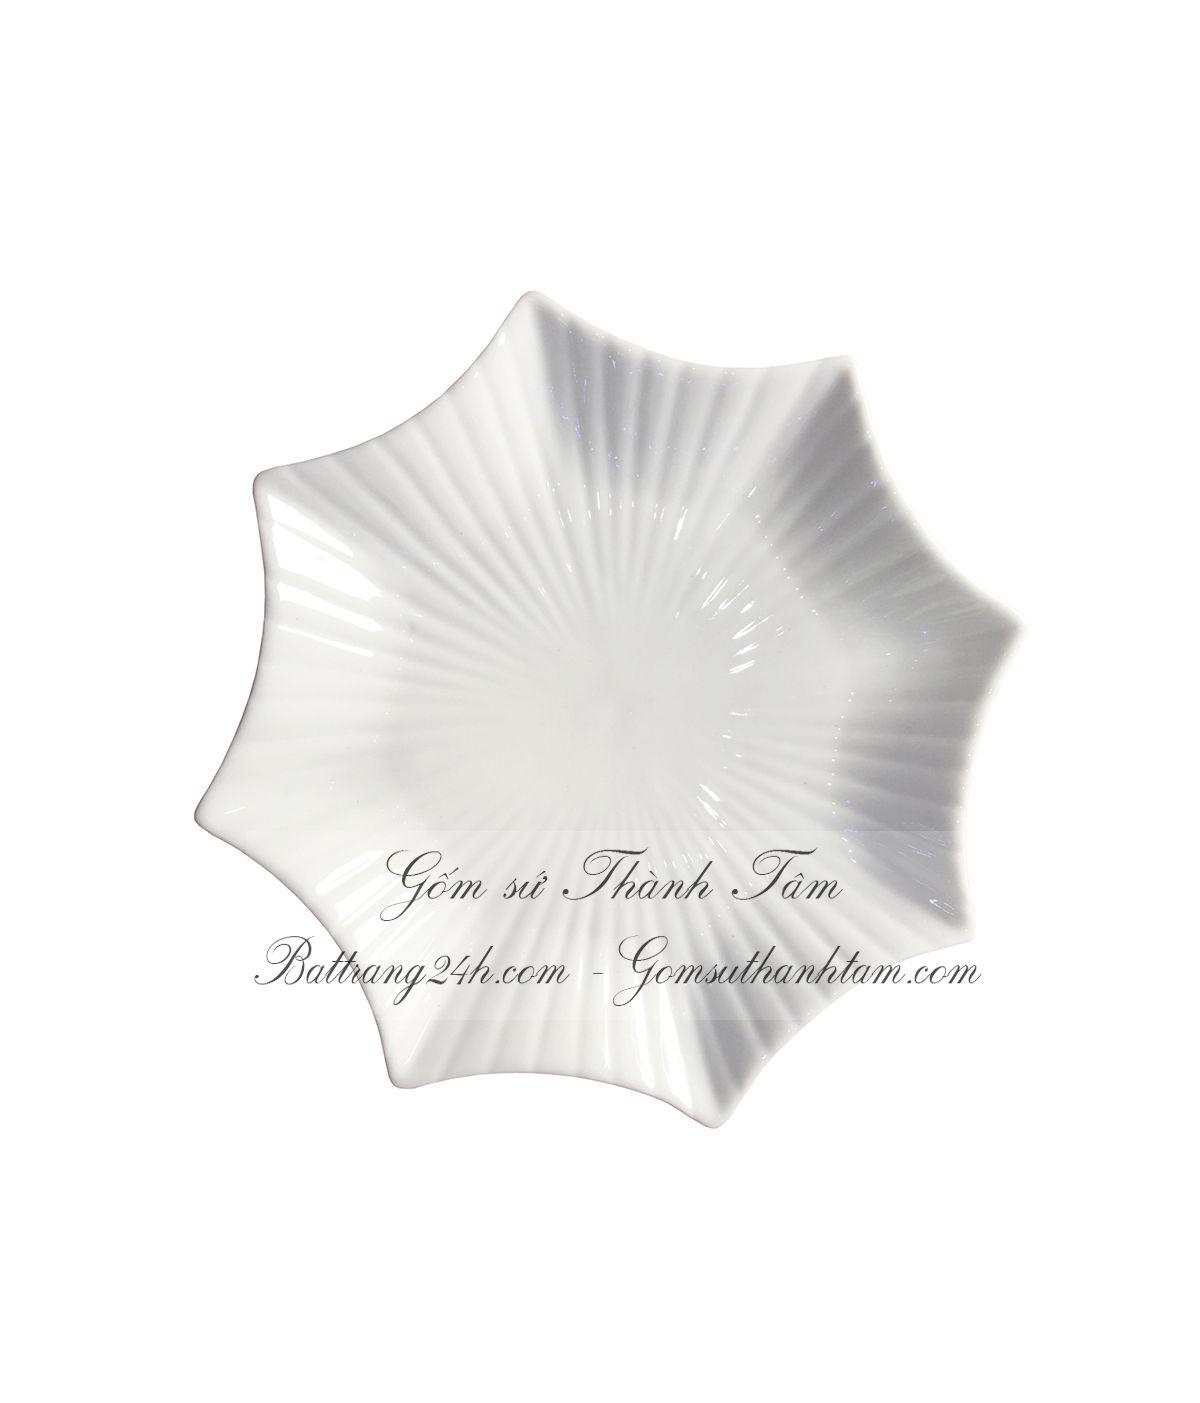 Bộ bát đĩa hình sao màu men trắng sứ cao cấp độc đáo, bộ bát đĩa làm quà tặng, quà biết chất lượng